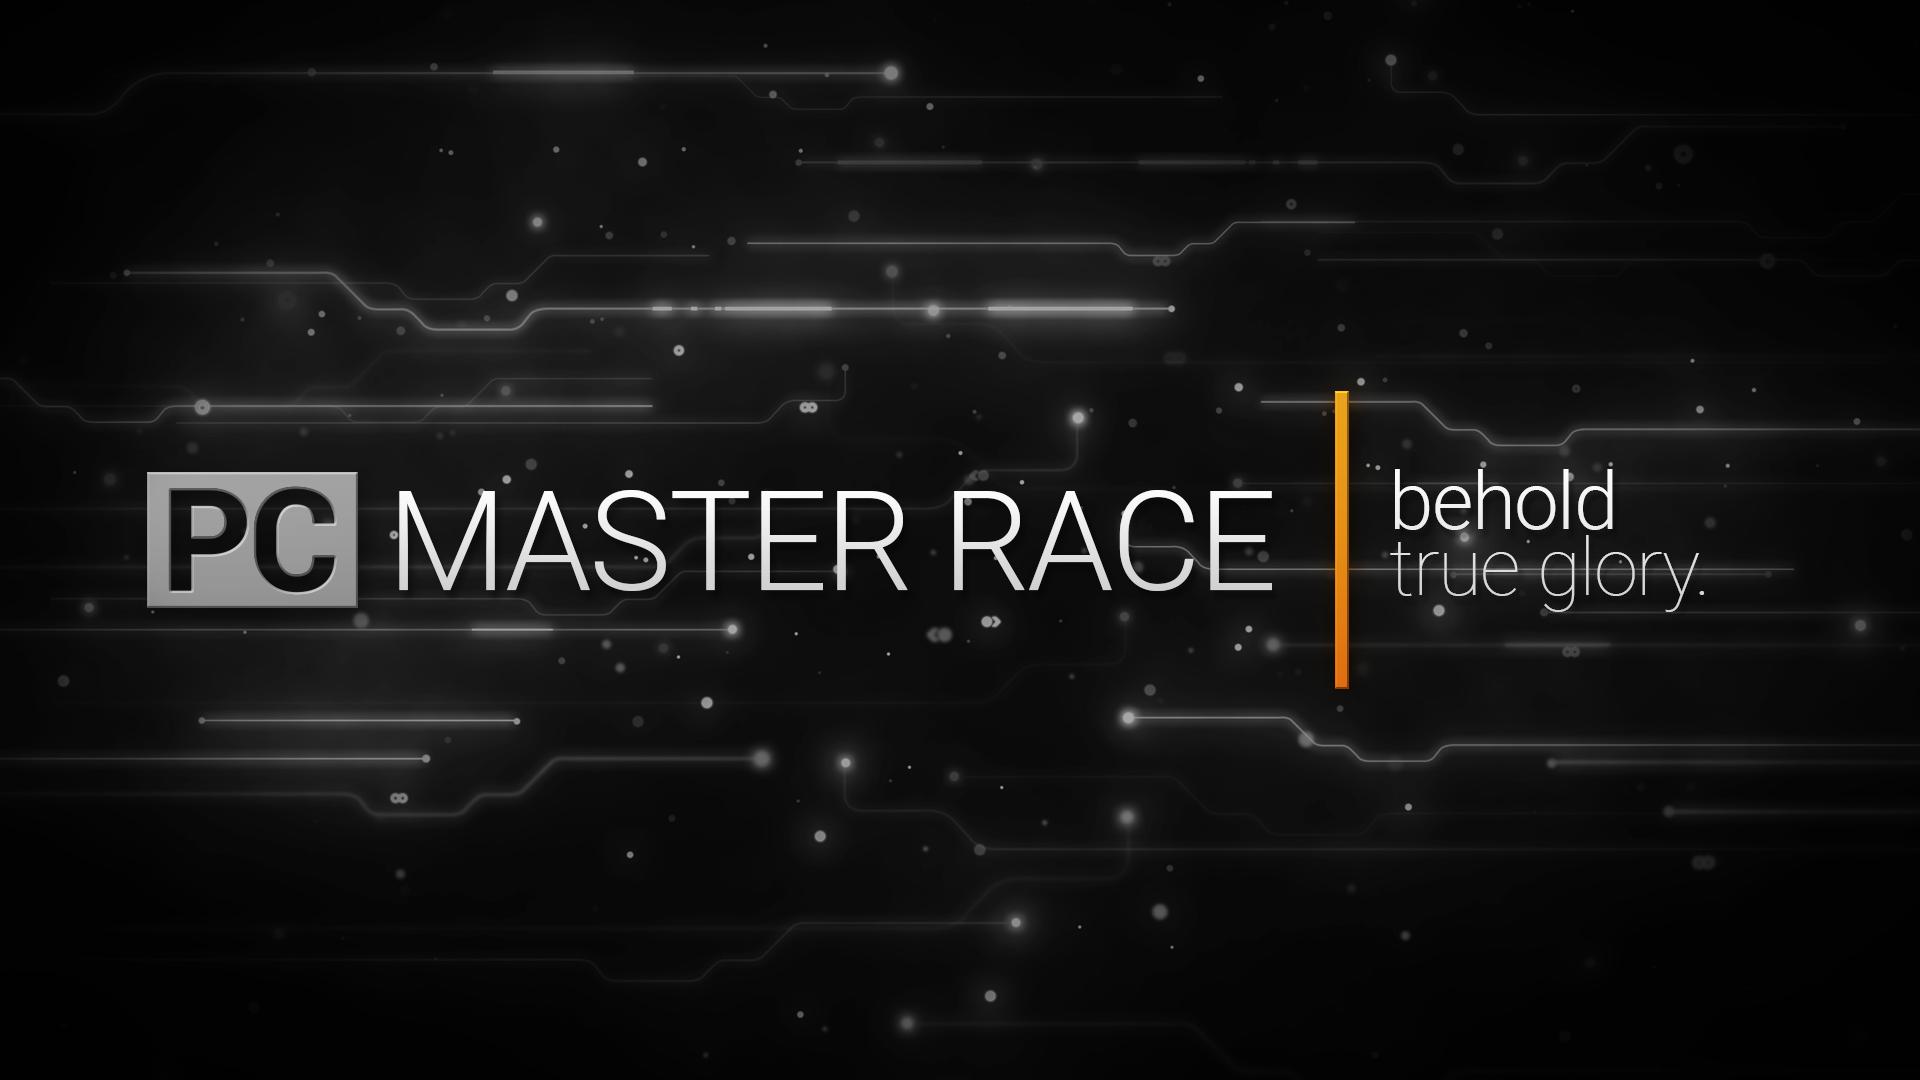 PC Master Race Black'n White Wallpaper[ 1920x1080] By